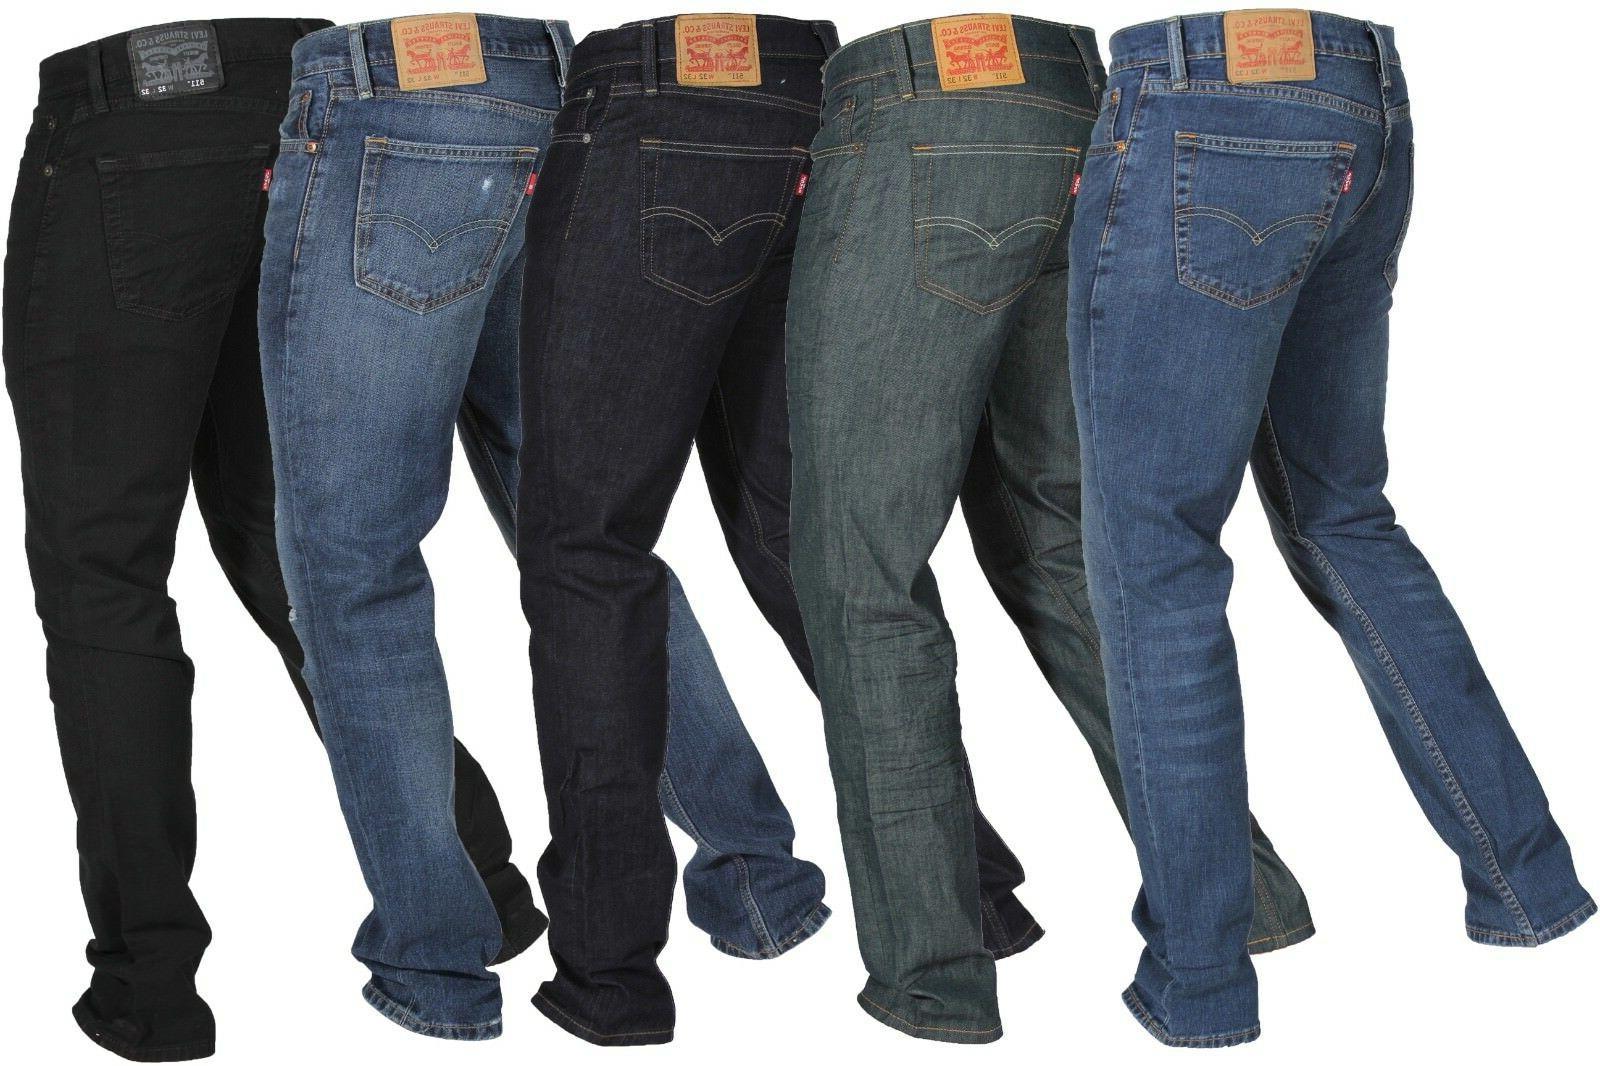 Levi's Men's 511 Slim Fit Jeans